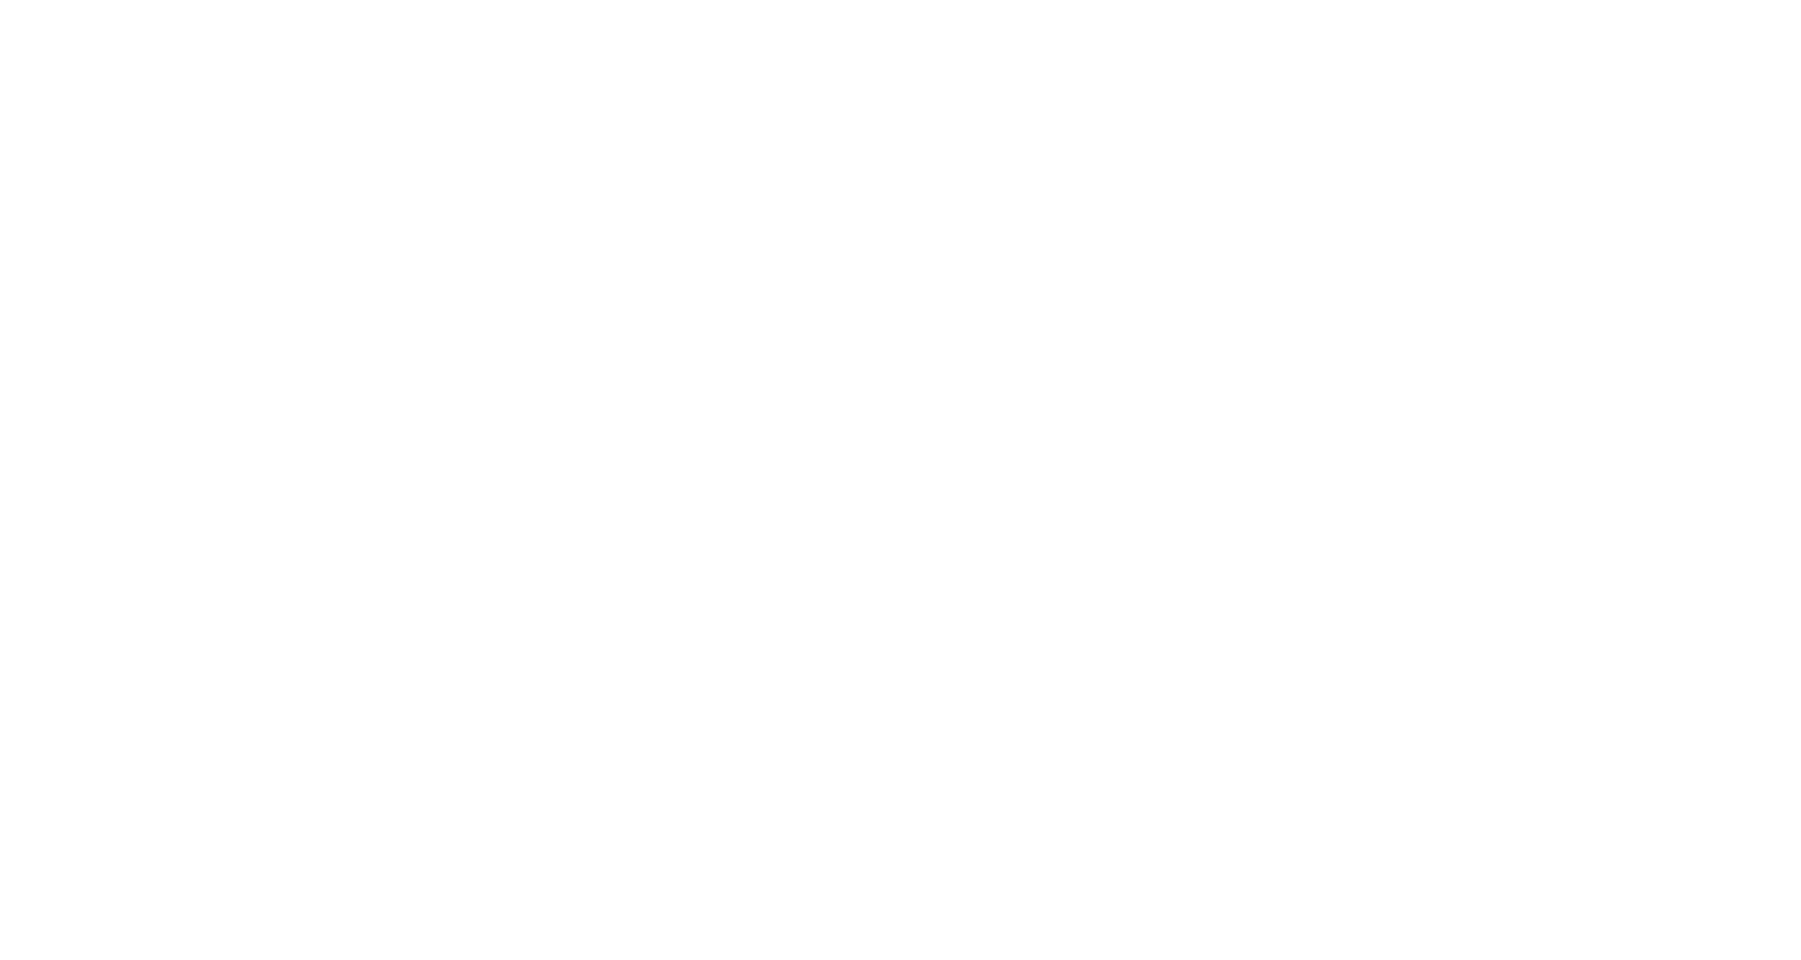 FrontyardBrewing_Logo_White.png